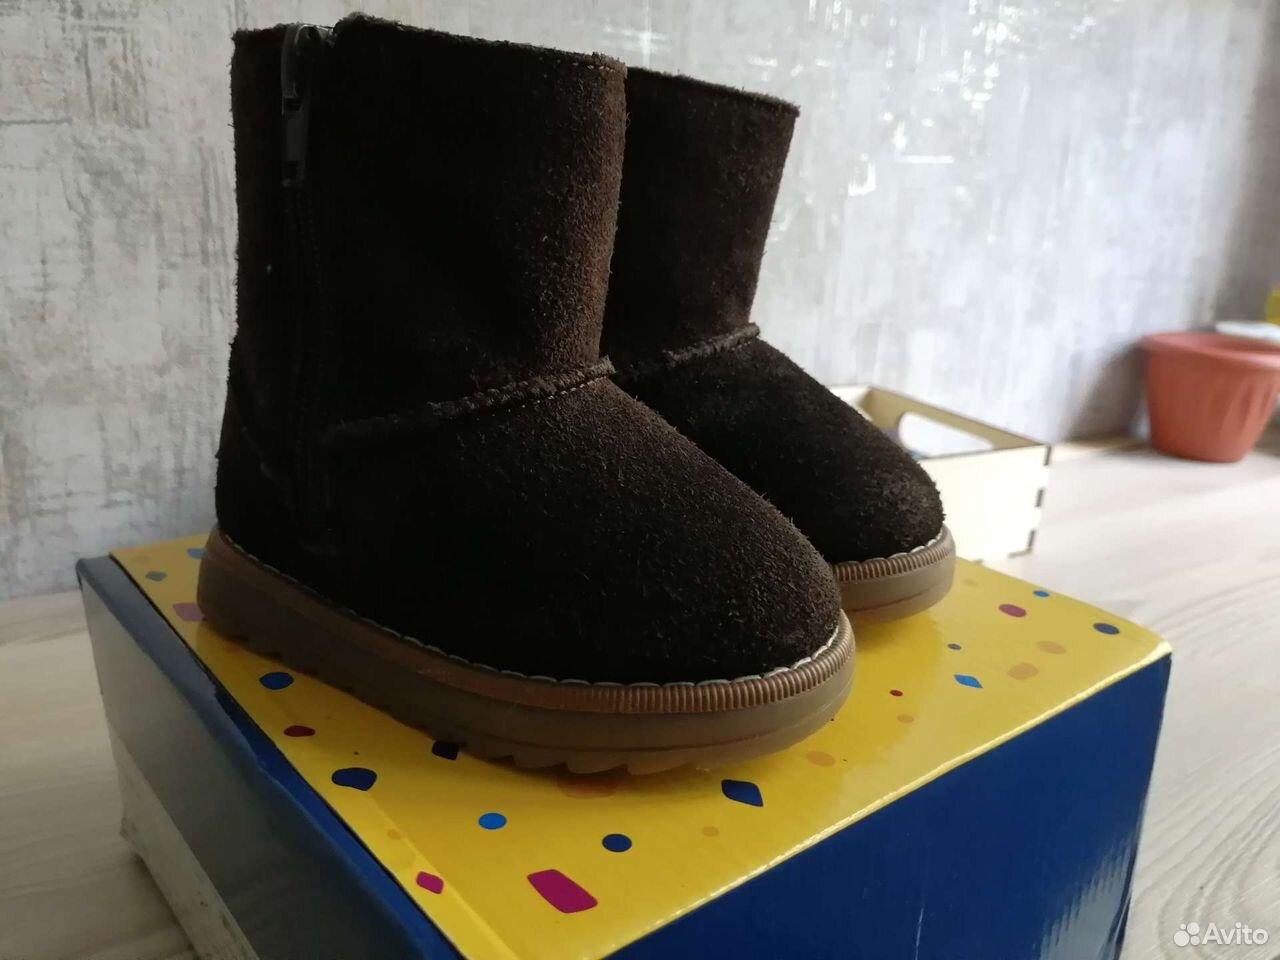 Сапожки зимние, фирмы Tombi, 21 размер  89085241242 купить 1